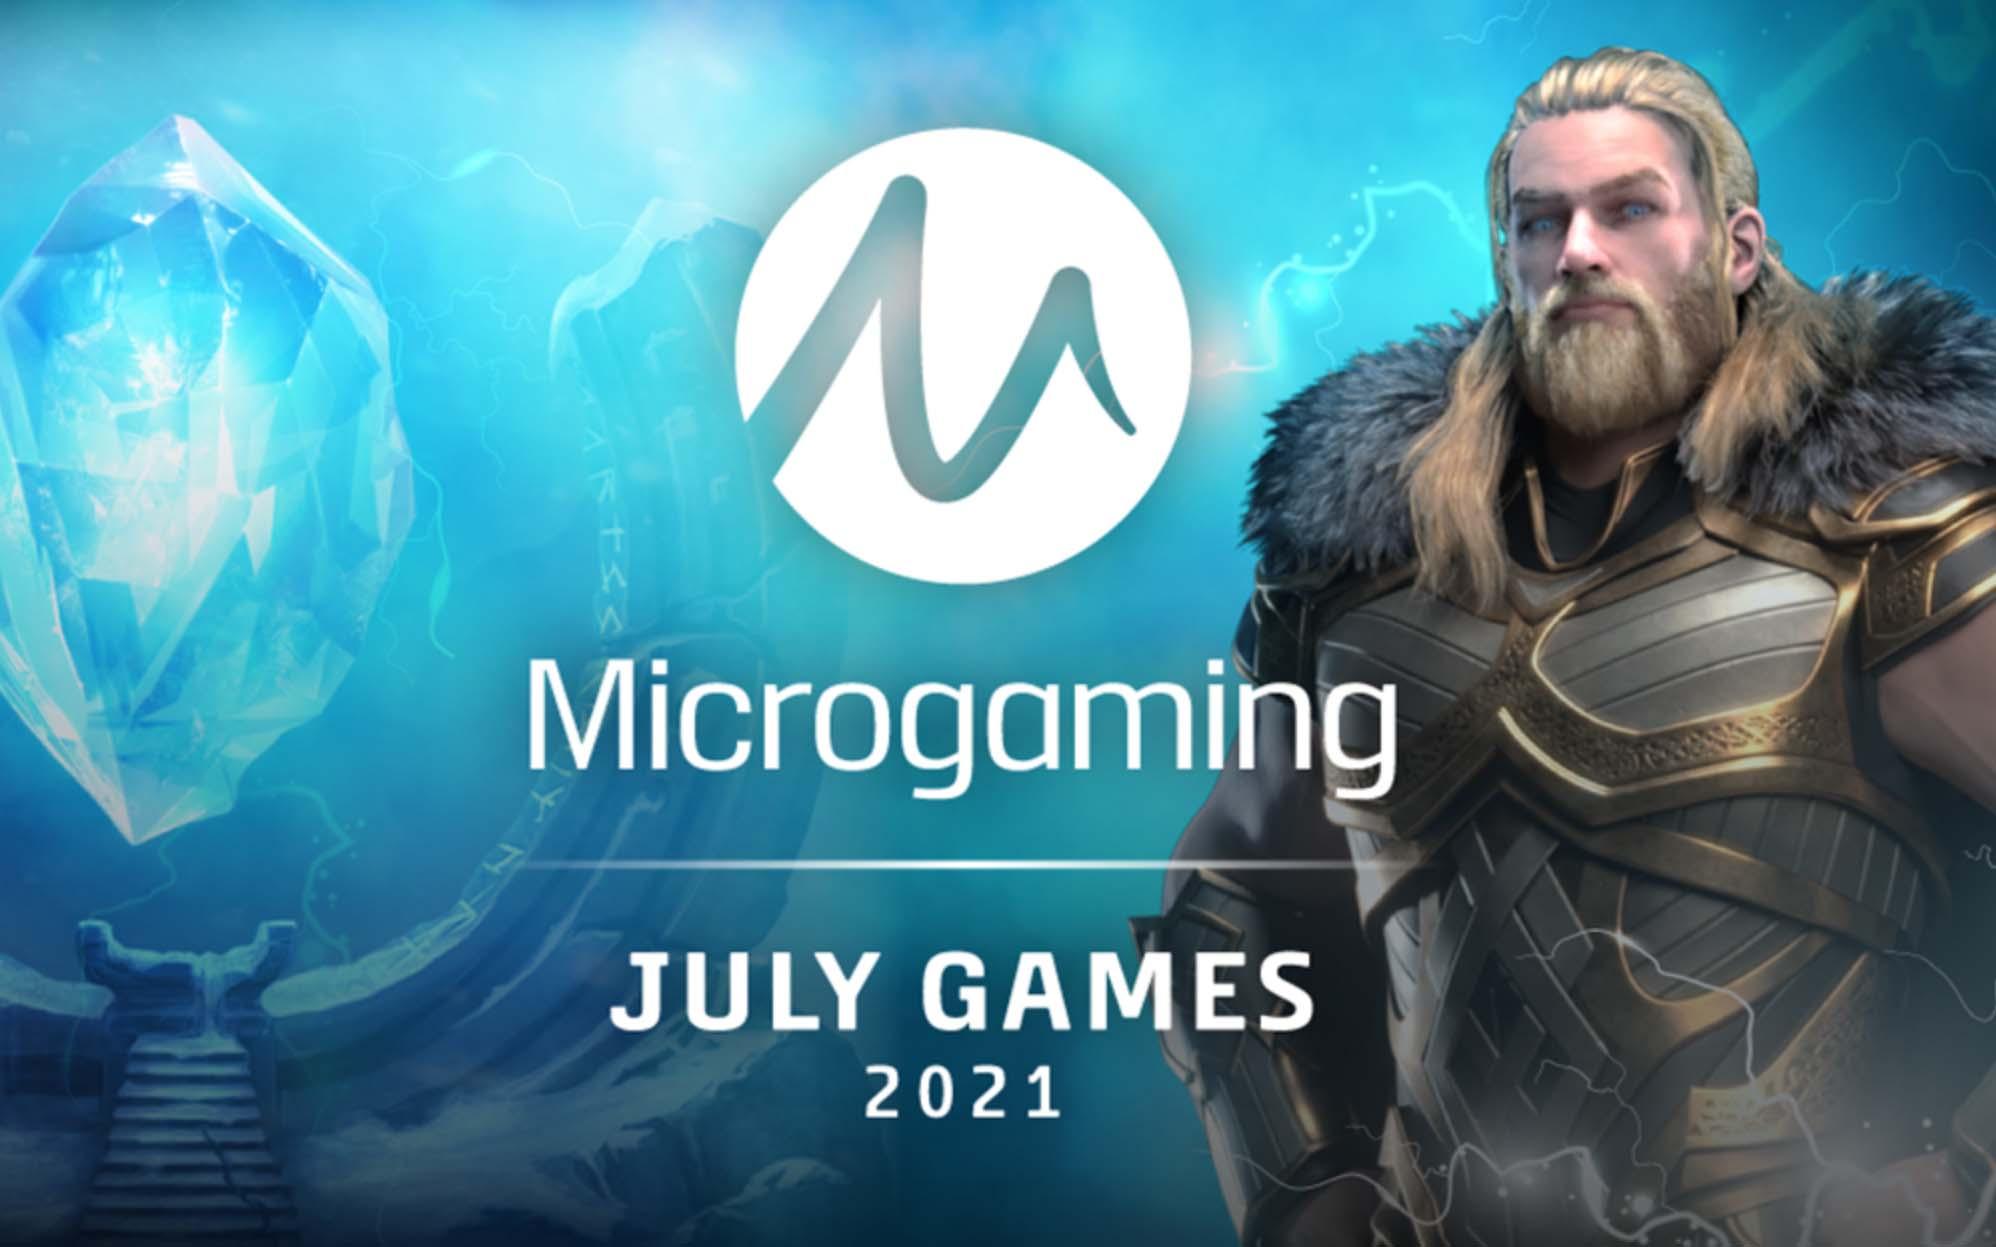 Rilis slot online untuk Juli 2021 dari Microgaming